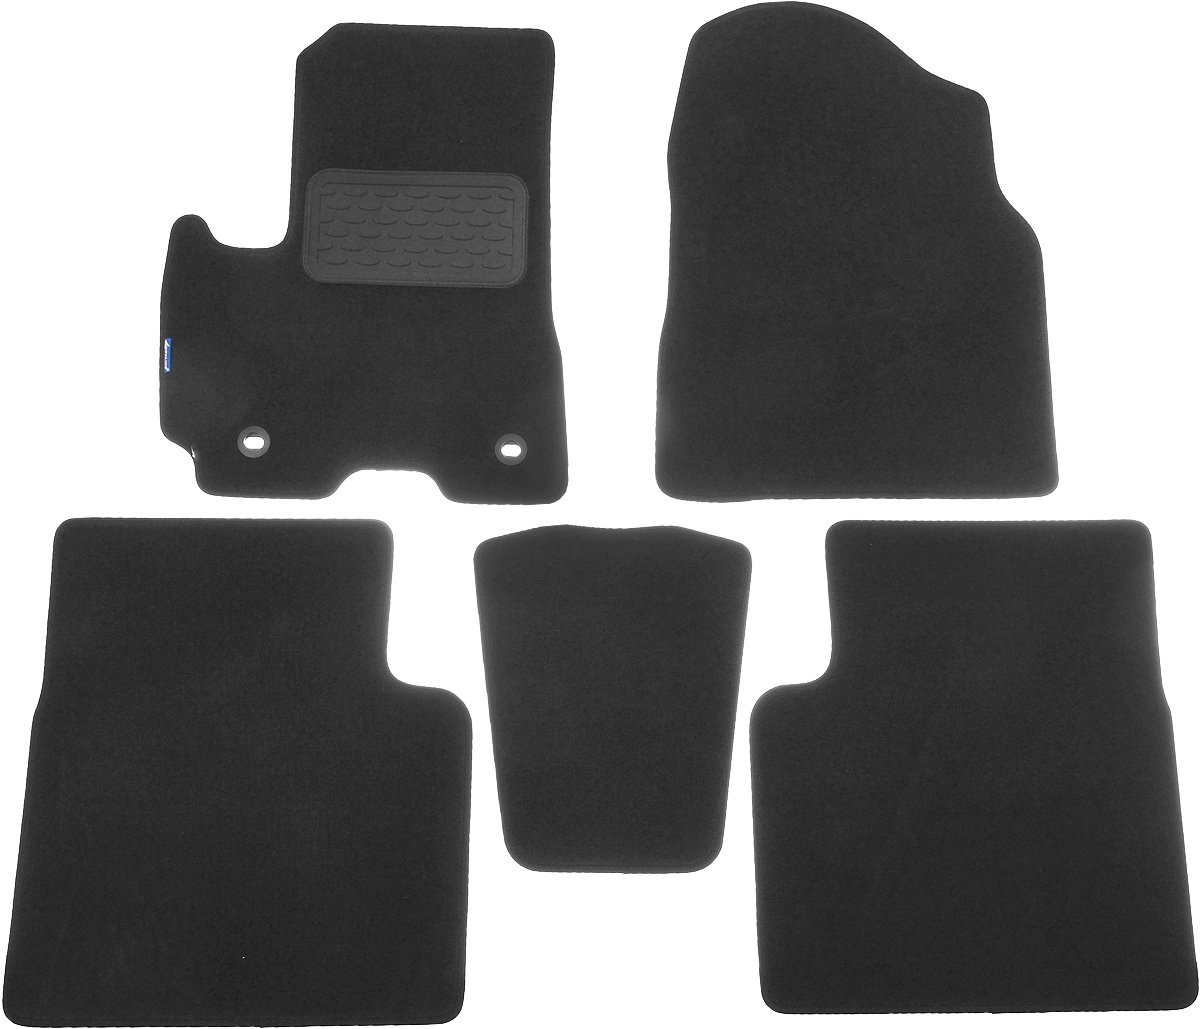 Коврики в салон автомобиля Novline-Autofamily, для Lifan X60 2012->, 5 штDH2400D/ORКоврики в салон Novline-Autofamily не только улучшат внешний вид салона вашего автомобиля, но и надежно уберегут его от пыли, грязи и сырости, а значит, защитят кузов от коррозии. Текстильные коврики для автомобиля мягкие и приятные, а их основа из вспененного полиуретана не пропускает влагу. Автомобильные коврики в салон учитывают все особенности каждой модели авто и полностью повторяют контуры пола. Благодаря этому их не нужно будет подгибать или обрезать. И самое главное - они не будут мешать педалям.Текстильные автомобильные коврики для салона произведены из высококачественного материала, который держит форму и не пачкает обувь. К тому же, этот материал очень прочный (его, к примеру, не получится проткнуть каблуком). Некоторые автоковрики становятся источником неприятного запаха в автомобиле. С текстильными ковриками Novline-Autofamily вы можете этого не бояться. Ковры для автомобилей надежно крепятся на полу и не скользят, что очень важно во время движения, особенно для водителя. Коврики из текстиля с основой из вспененного полиуретана легко впитывают и надежно удерживают грязь и влагу, при этом всегда выглядят довольно опрятно. И чистятся они очень просто: как при помощи автомобильного пылесоса, так и различными моющими средствами.